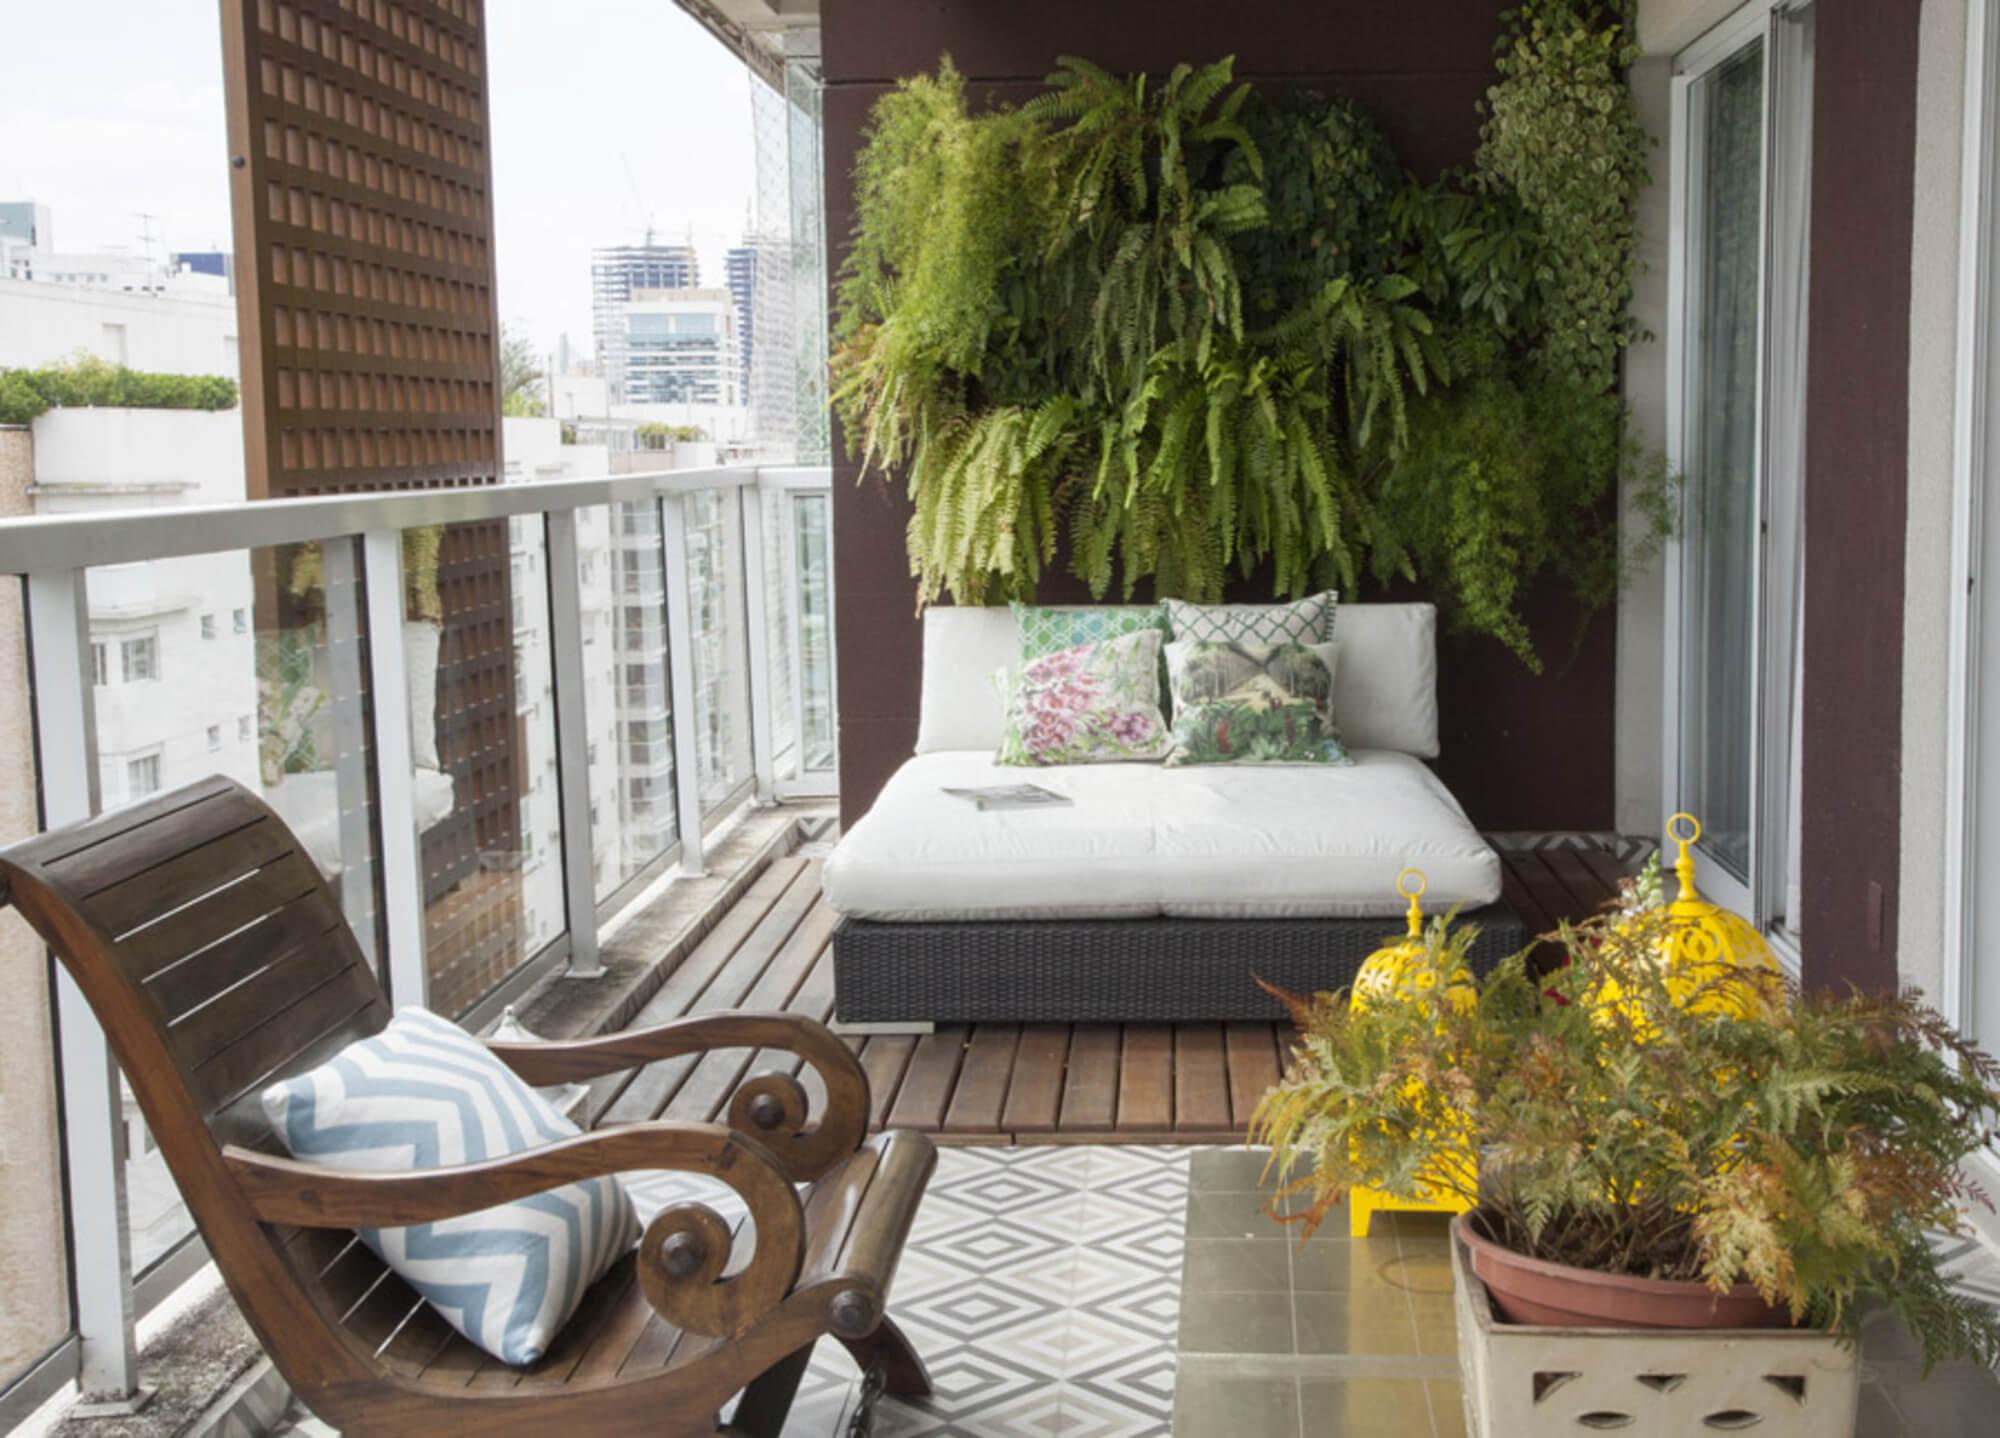 Диван на балкон (60 фото): узкий диван-шкаф, диван-сундук и .